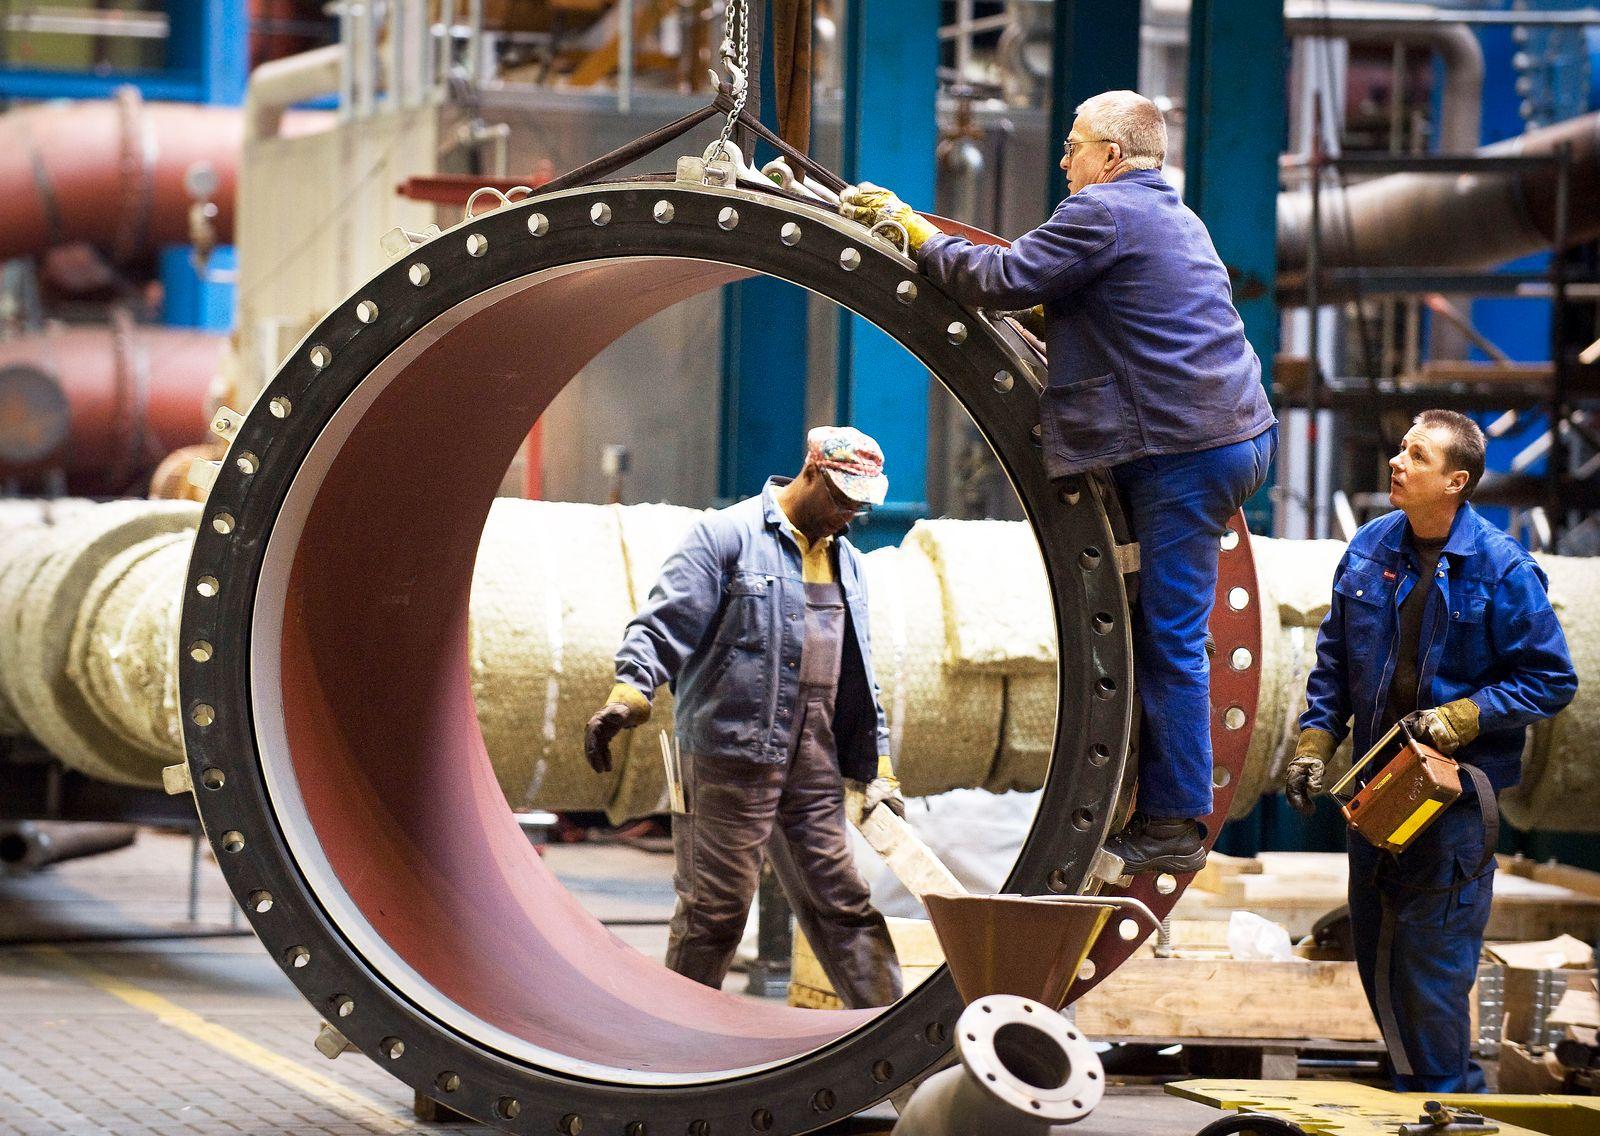 Deutschland / Konjunktur / Wirtschaft / Maschinenbau MAN Turbo